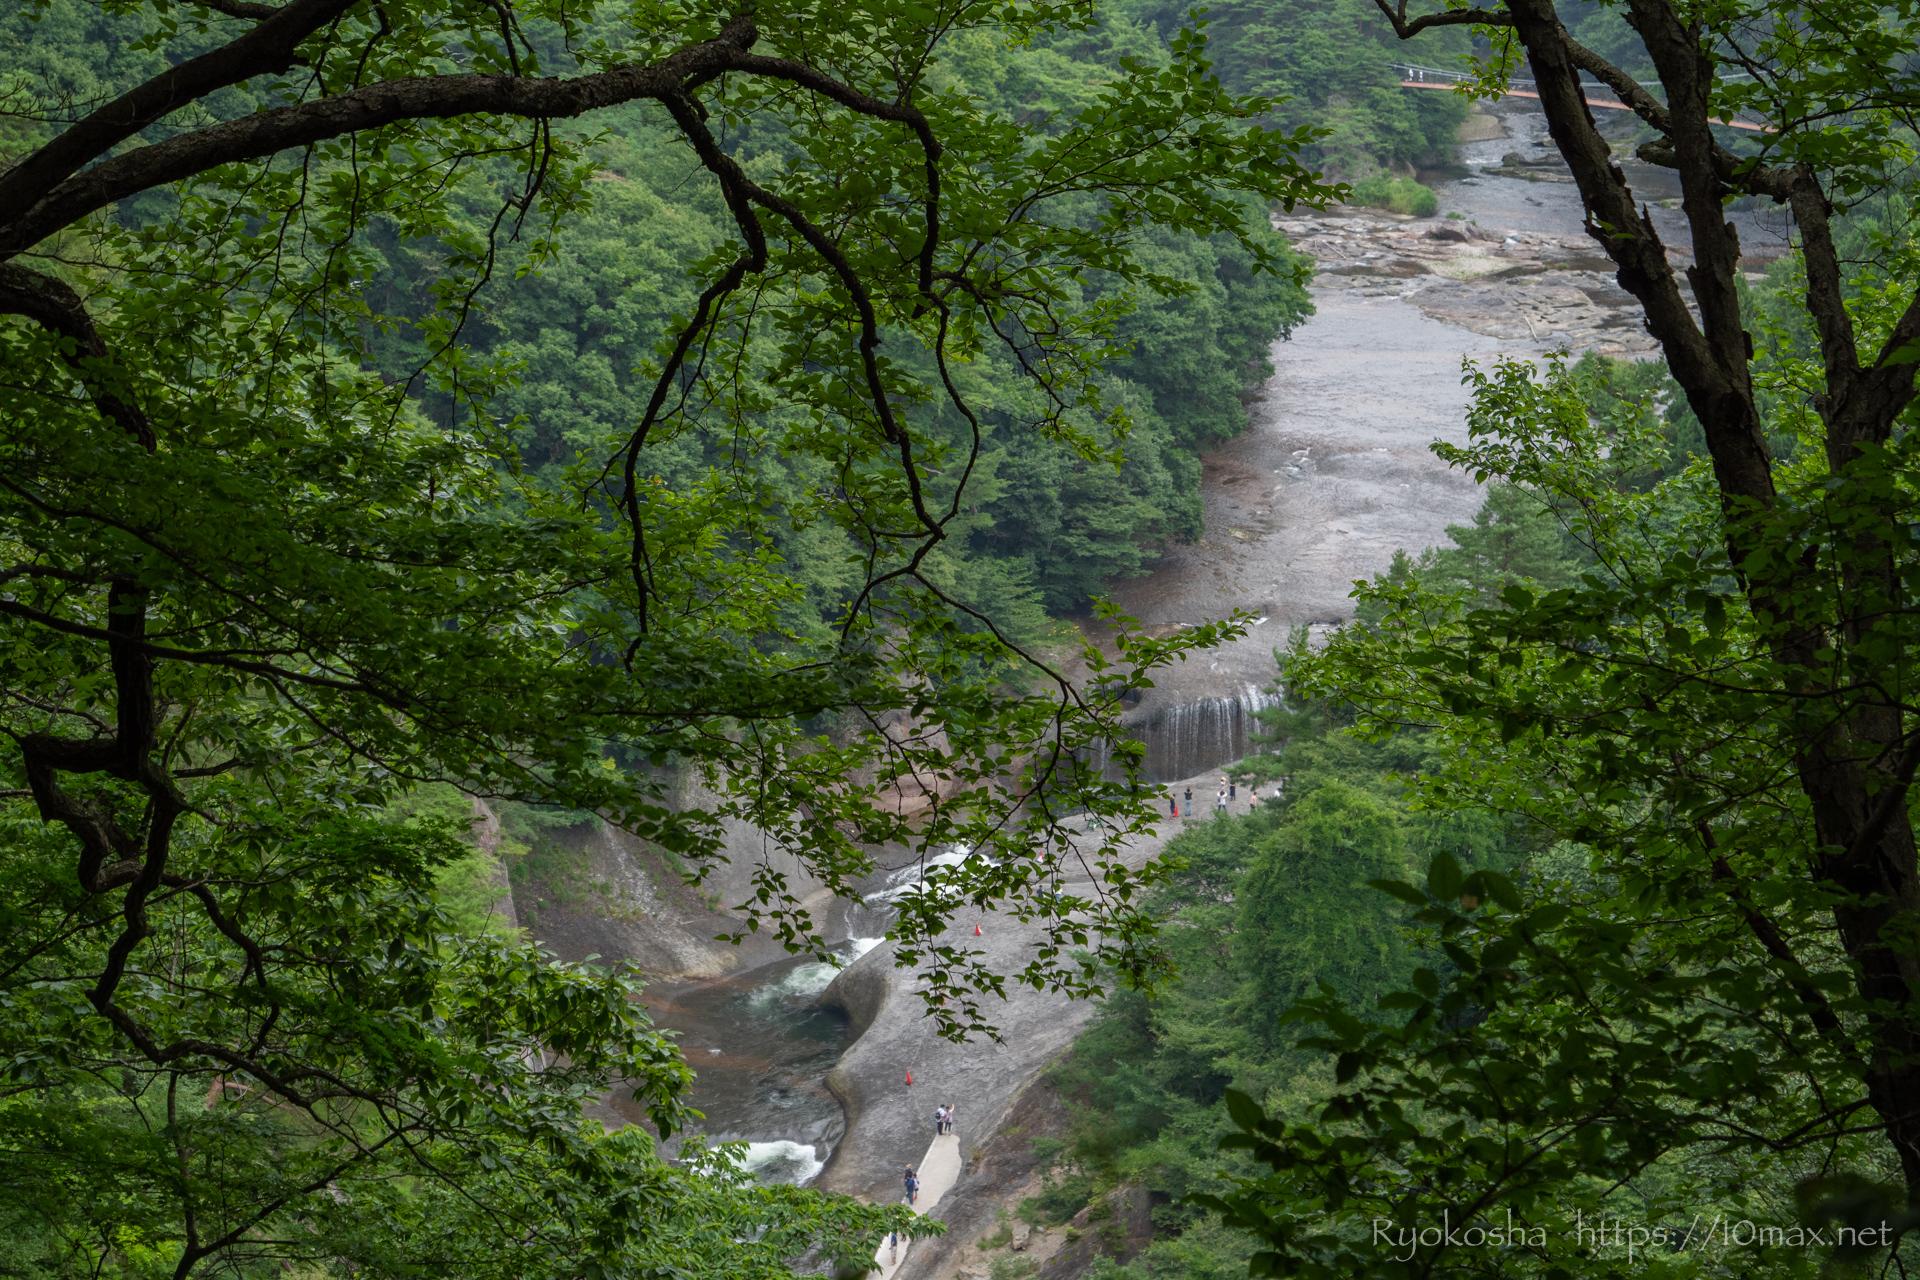 群馬県 沼田市 吹割の滝 東洋のナイアガラ 遊歩道 第三観瀑台